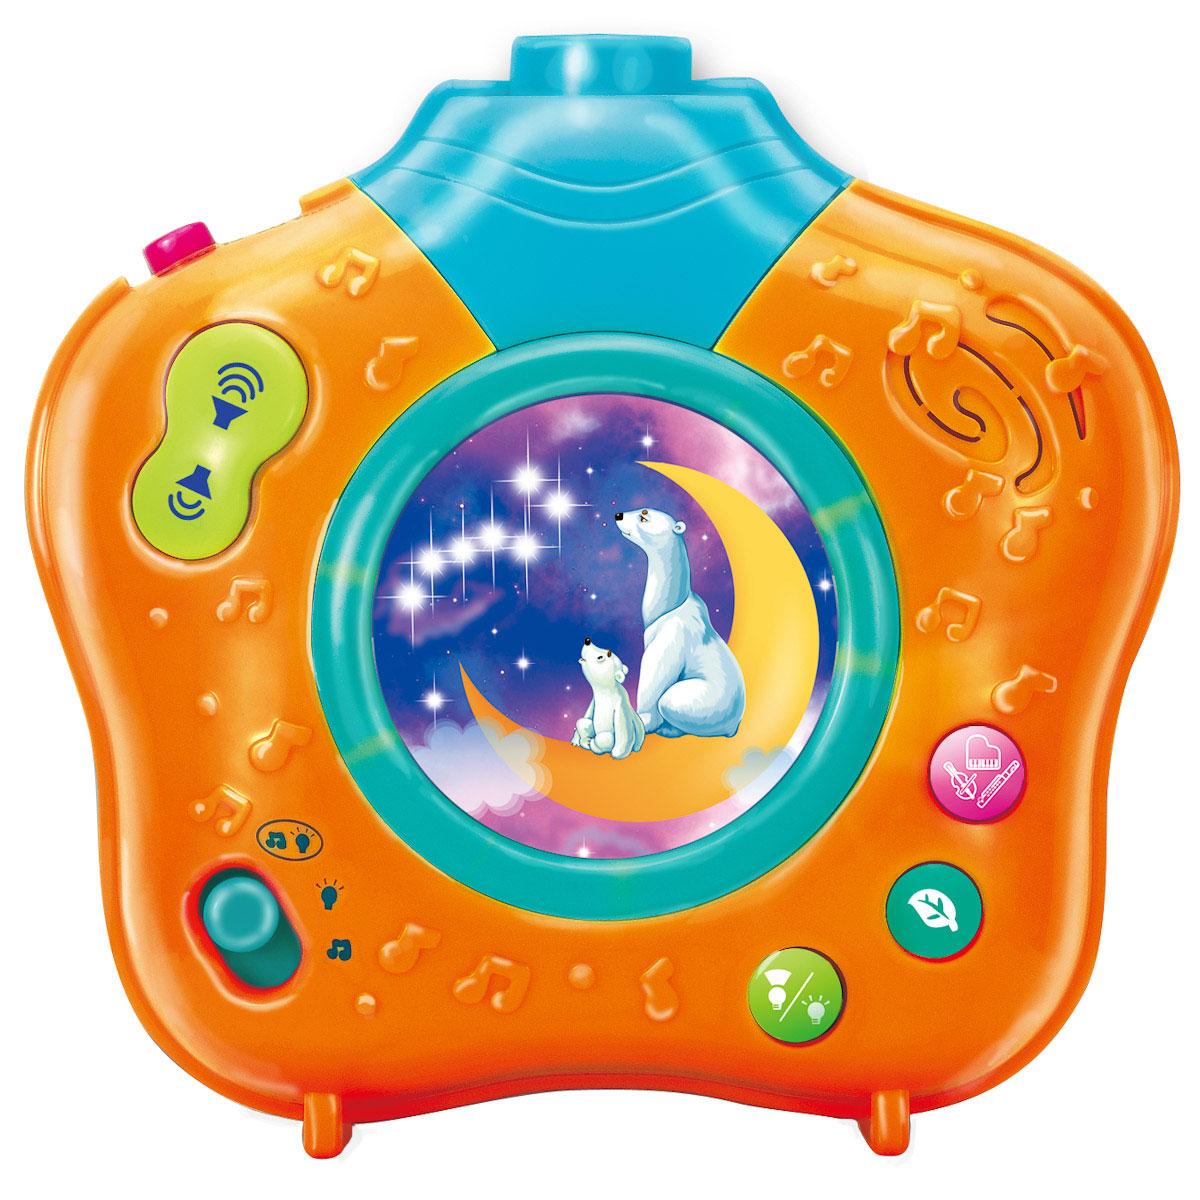 Ночник-проектор Волшебный мир, цвет: желтый0806-07Музыкальный ночник-проектор Волшебный мир с помощью приятных колыбельных и мелодий, звуков природы и мягкого света убаюкает Вашего малыша. Он очень компактный и его можно брать с собой в гости или путешествие. Красочная проекция на потолке движется по кругу, привлекая внимание, успокаивая и завораживая ребенка. В ночнике предусмотрена возможность установить таймер и выбрать режим работы. Приглушенный свет и нежные мелодии создадут сказочную атмосферу в комнате малыша и погрузят его в волшебный мир приятных сновидений! Работает от 3 батареек 1,5 V АА (входят в комплект).